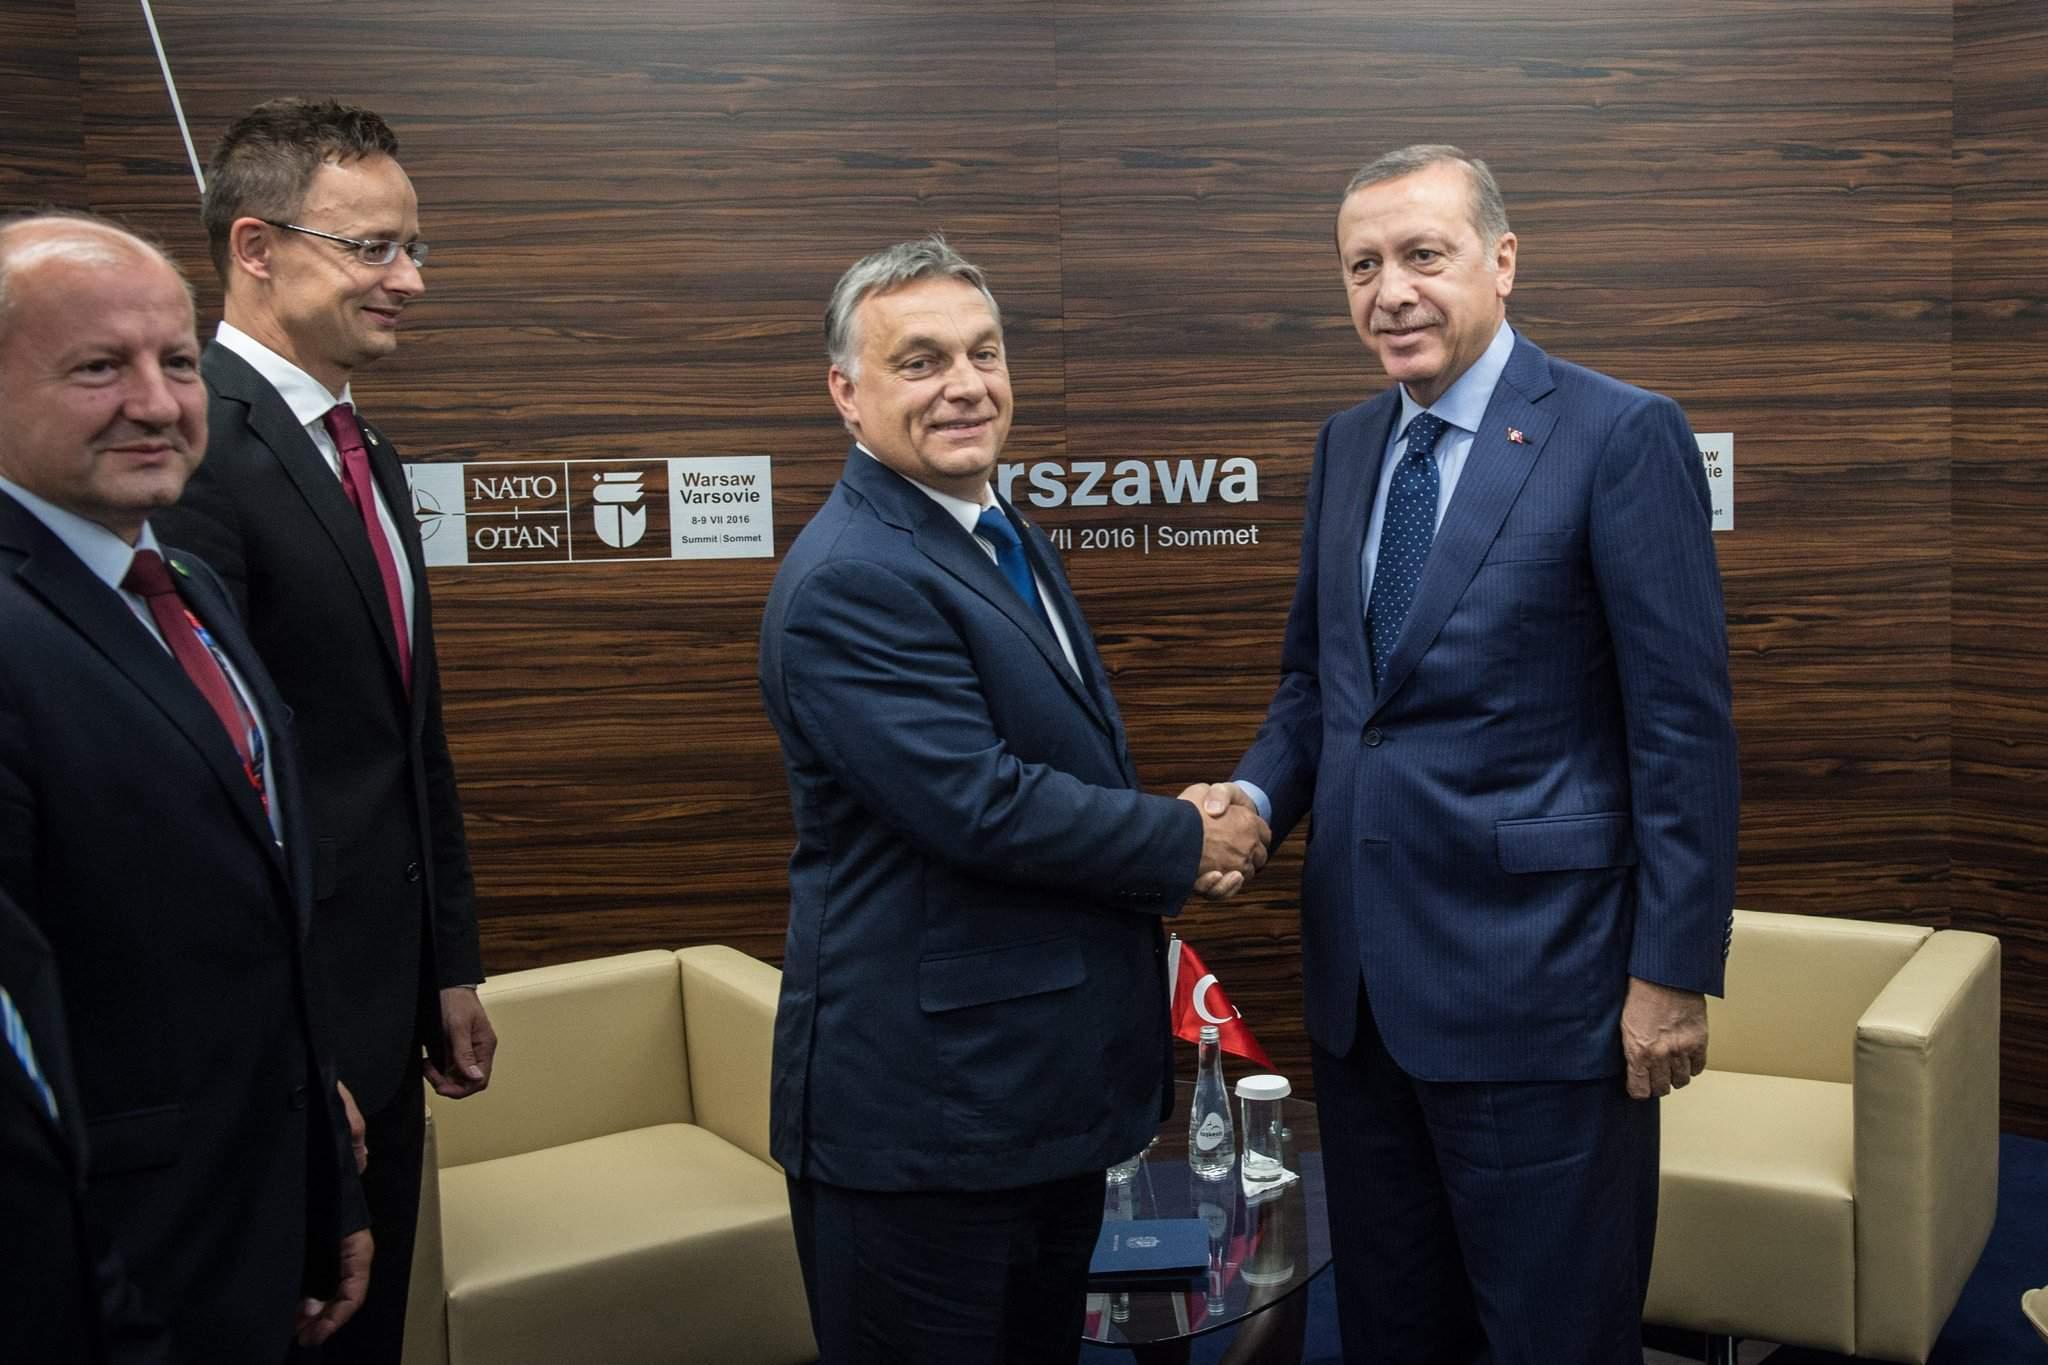 NATO summit – Orbán meets Turkish president on sidelines of Warsaw NATO summit